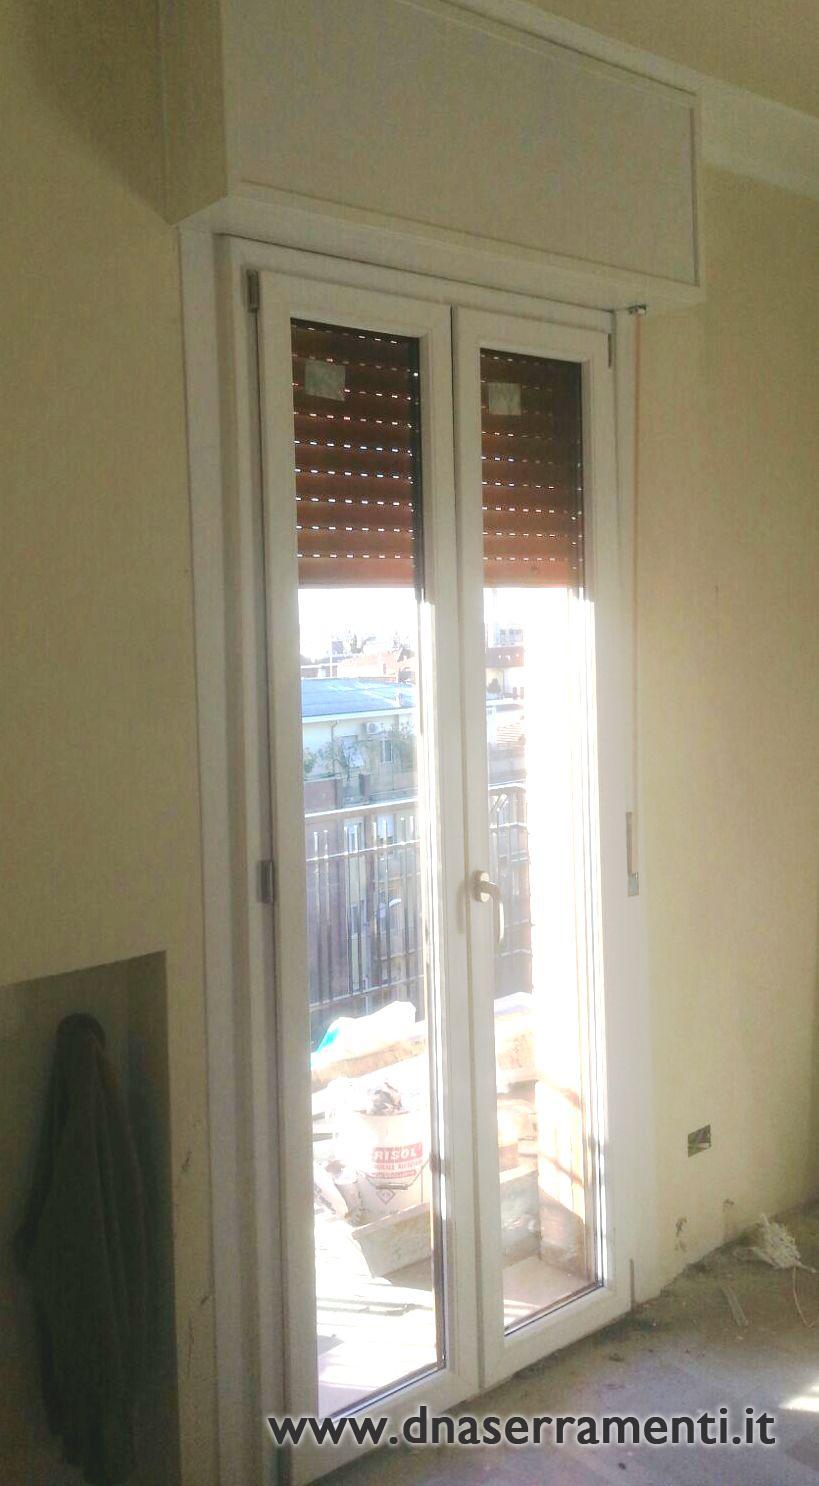 Dna serramenti finestre serramenti porte pellicole per - Sostituzione vetri finestre ...